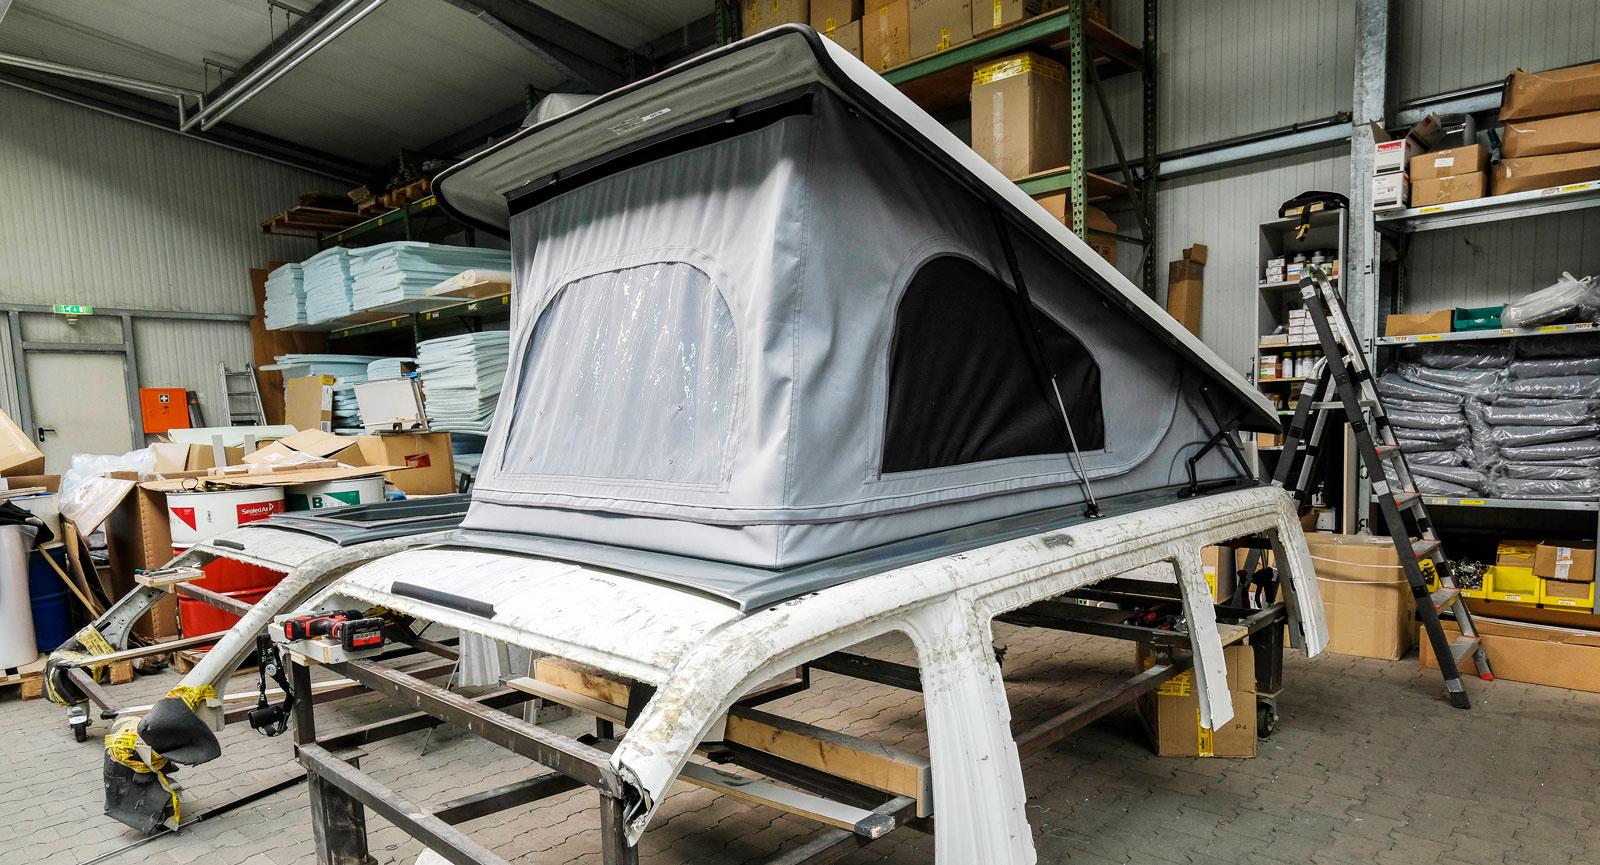 Pop-up-tak är något som Reimo är specialiserade på. Här monteras ett på en av flera mallar.